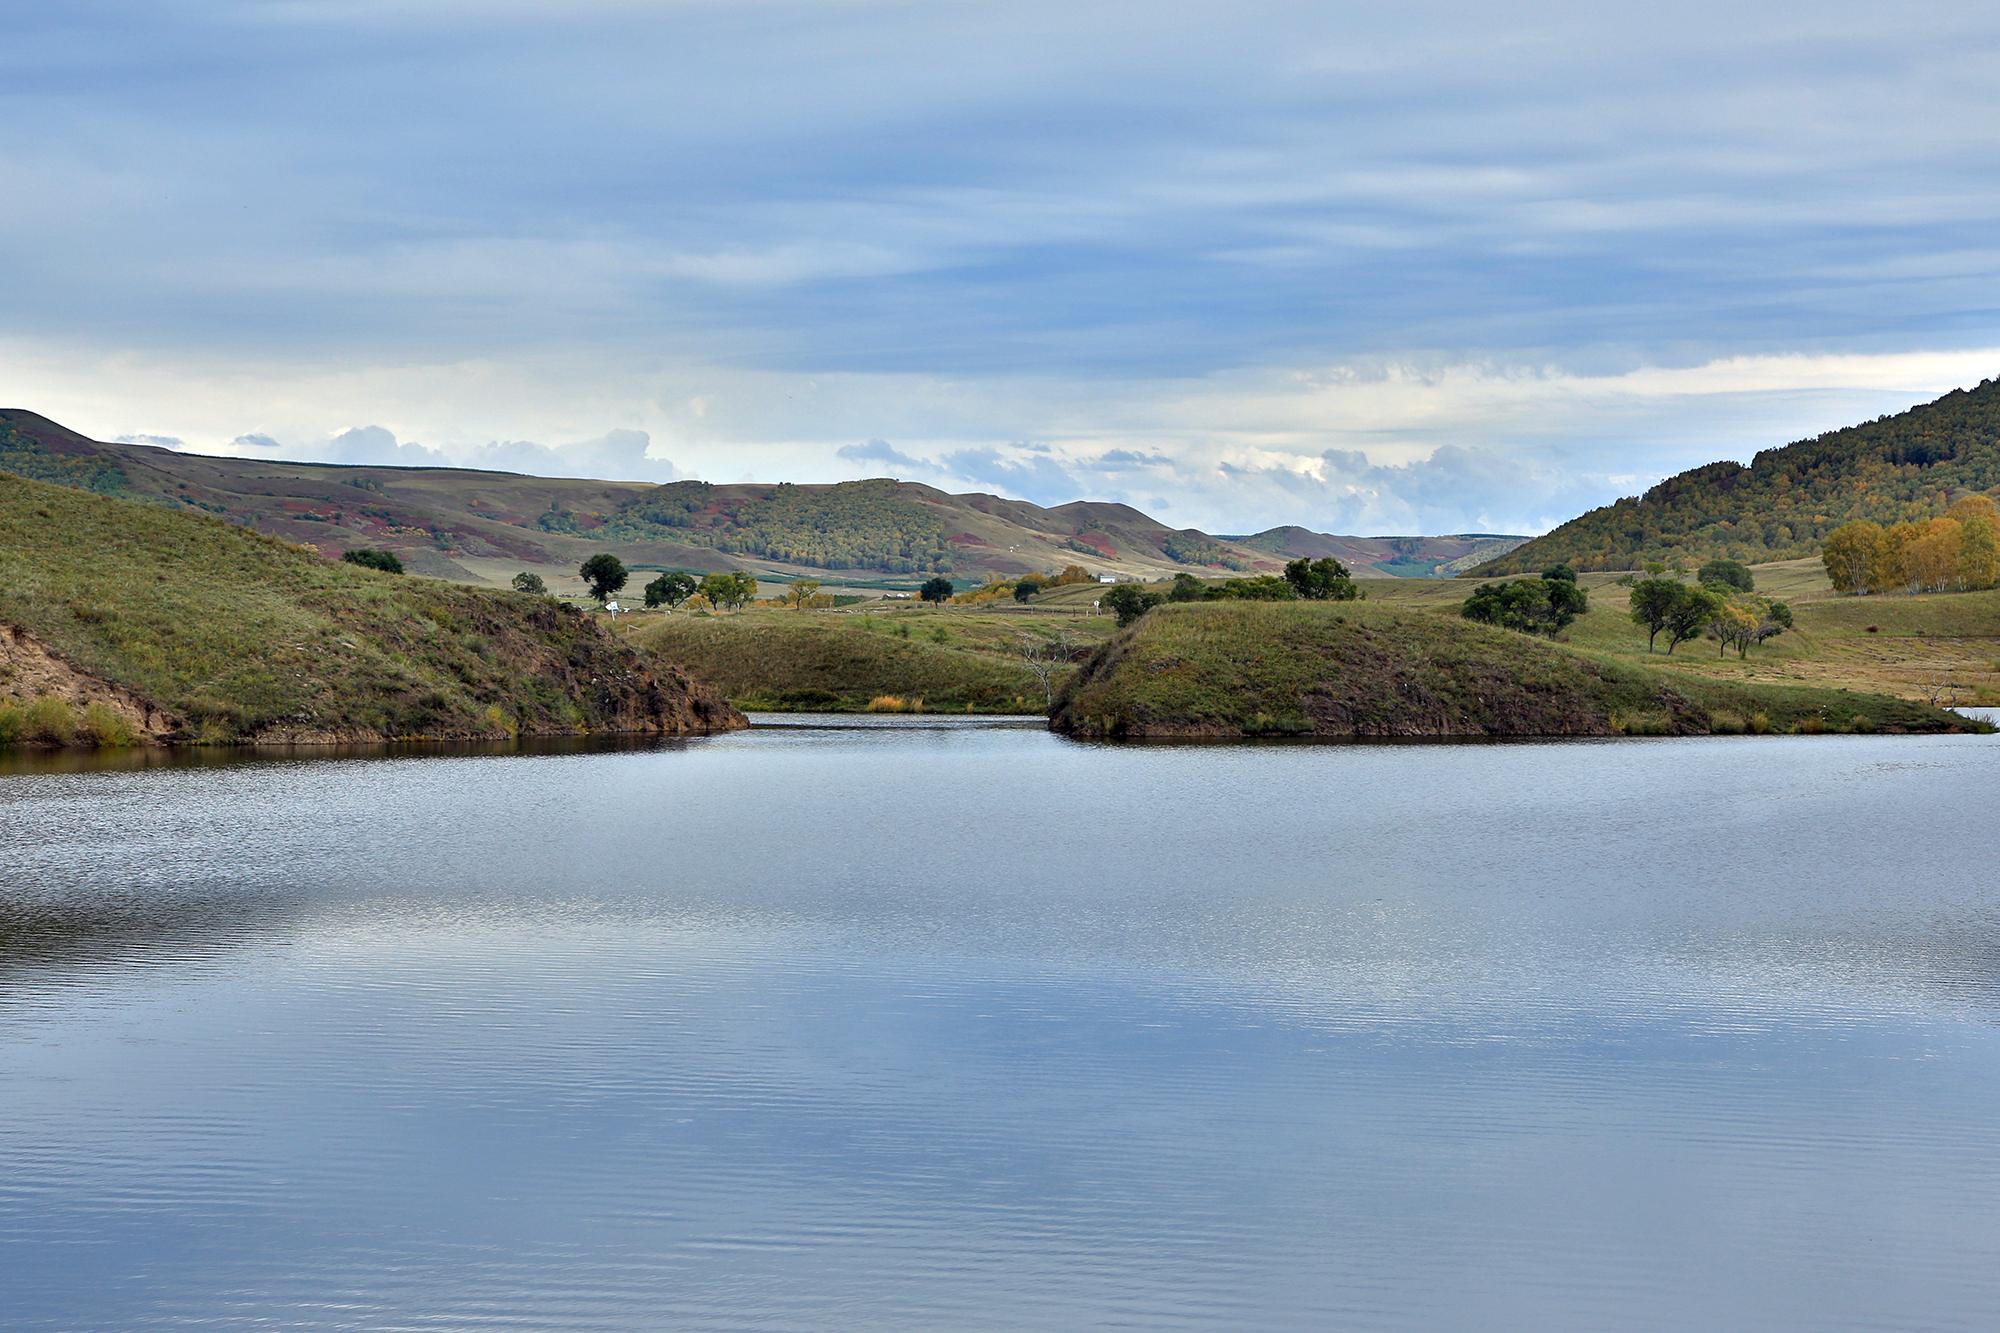 蛤蟆坝,这个没有蛤蟆只有景色的草原,初秋色彩斑斓